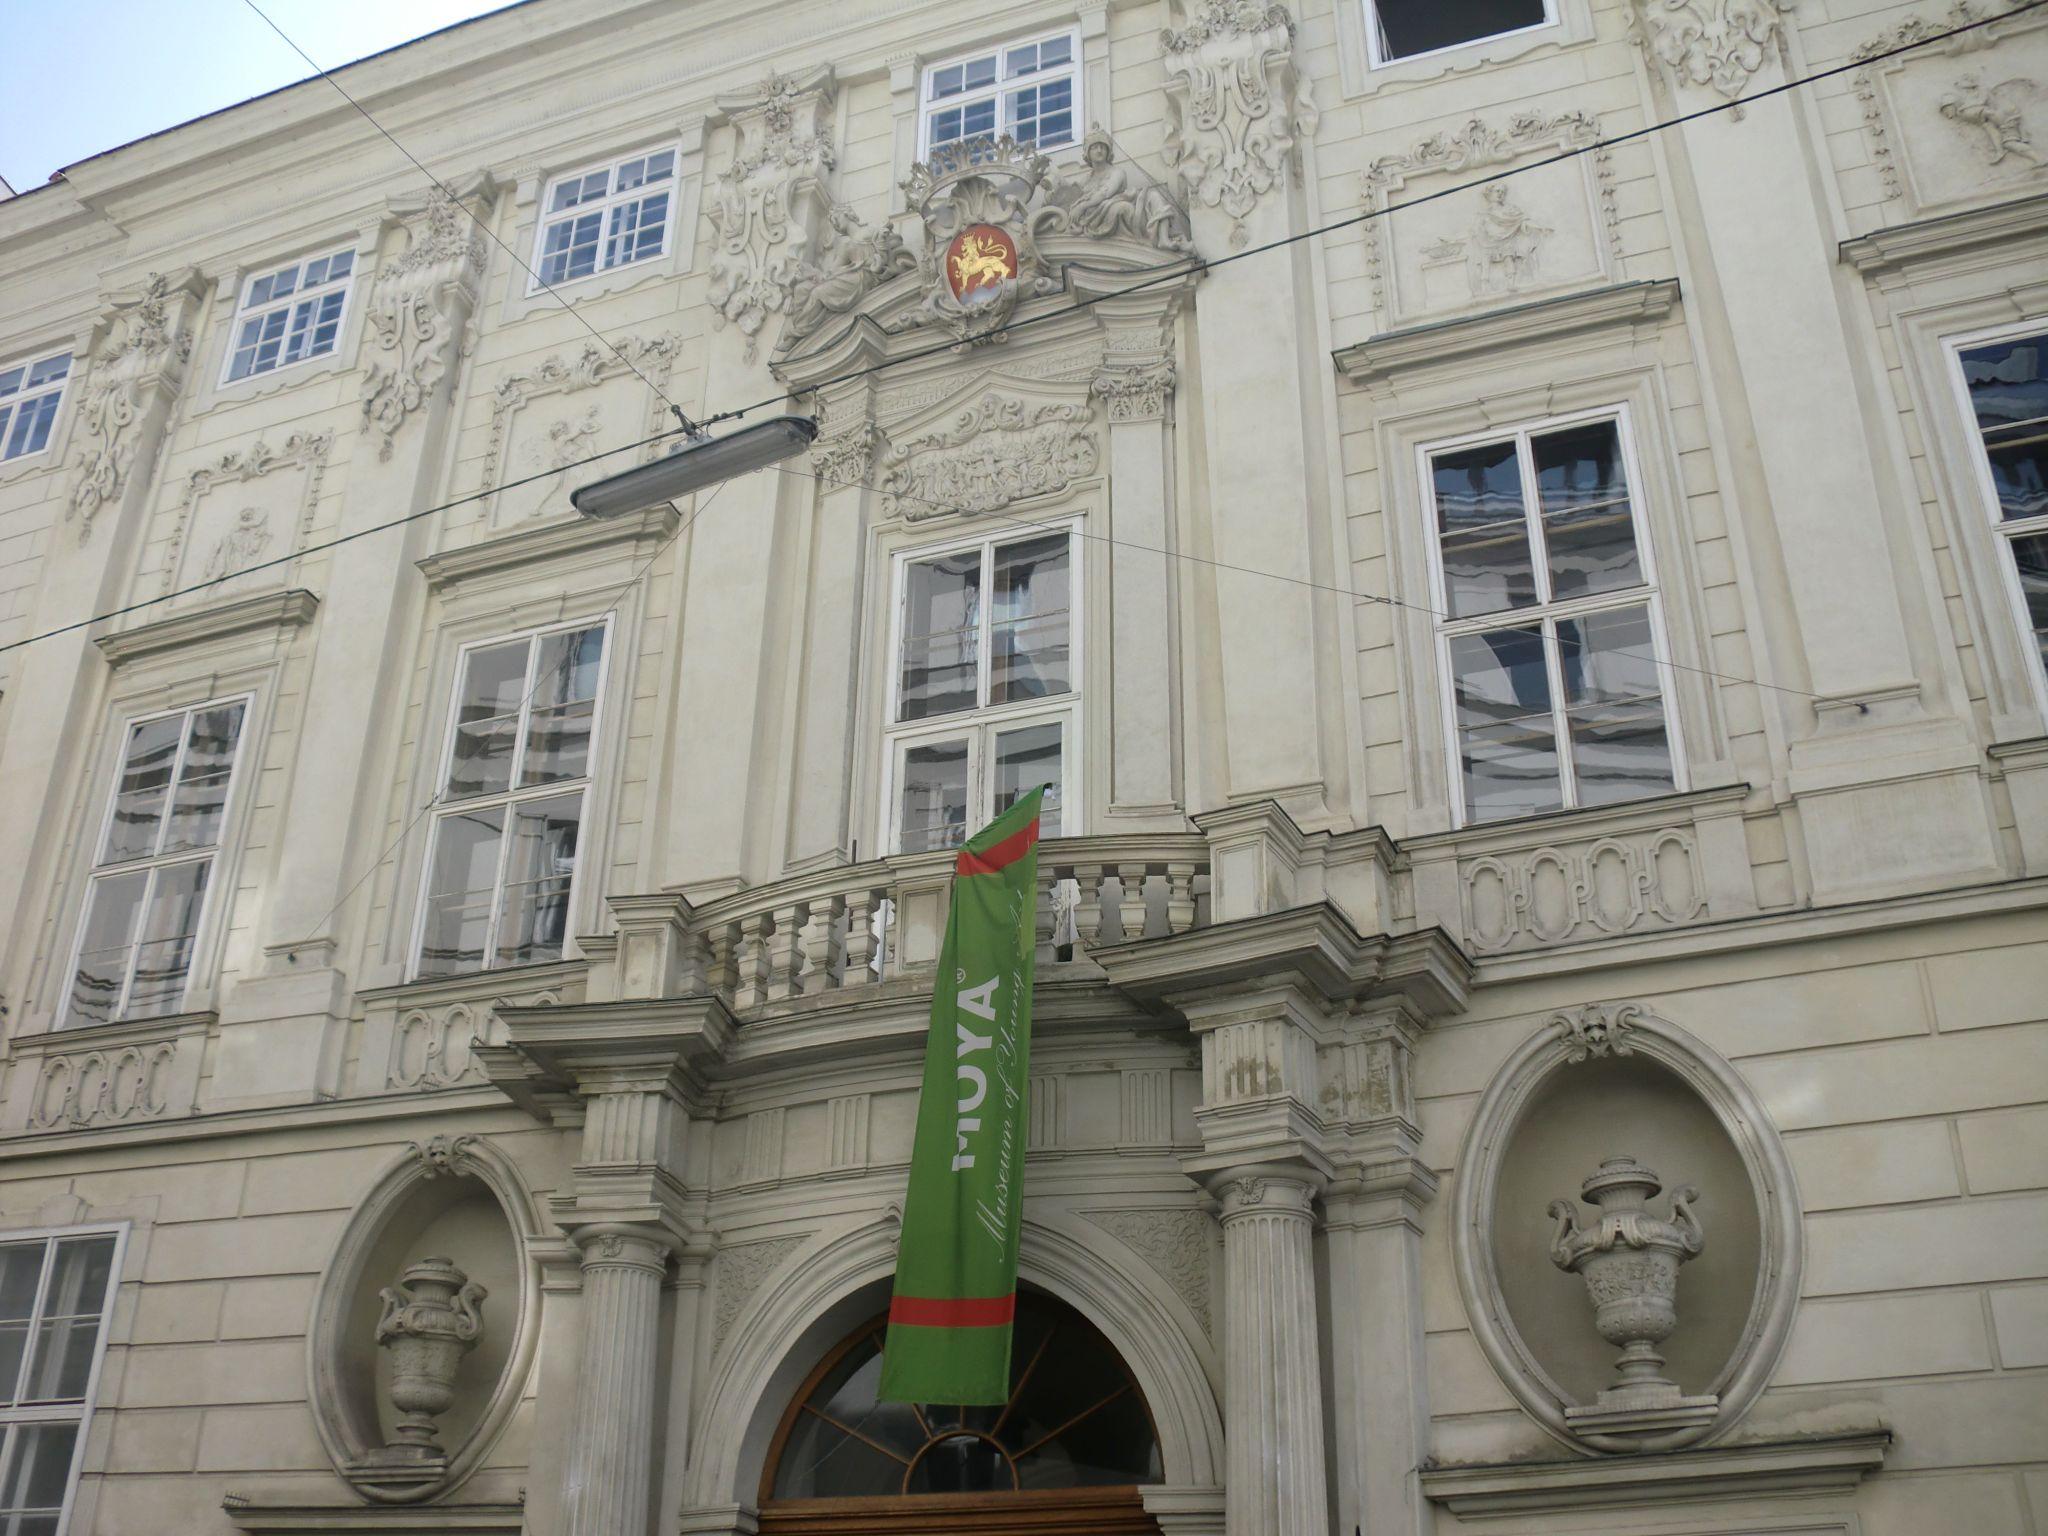 Vienna architecture 18 1440x1080 - Vienna: elegant beauty